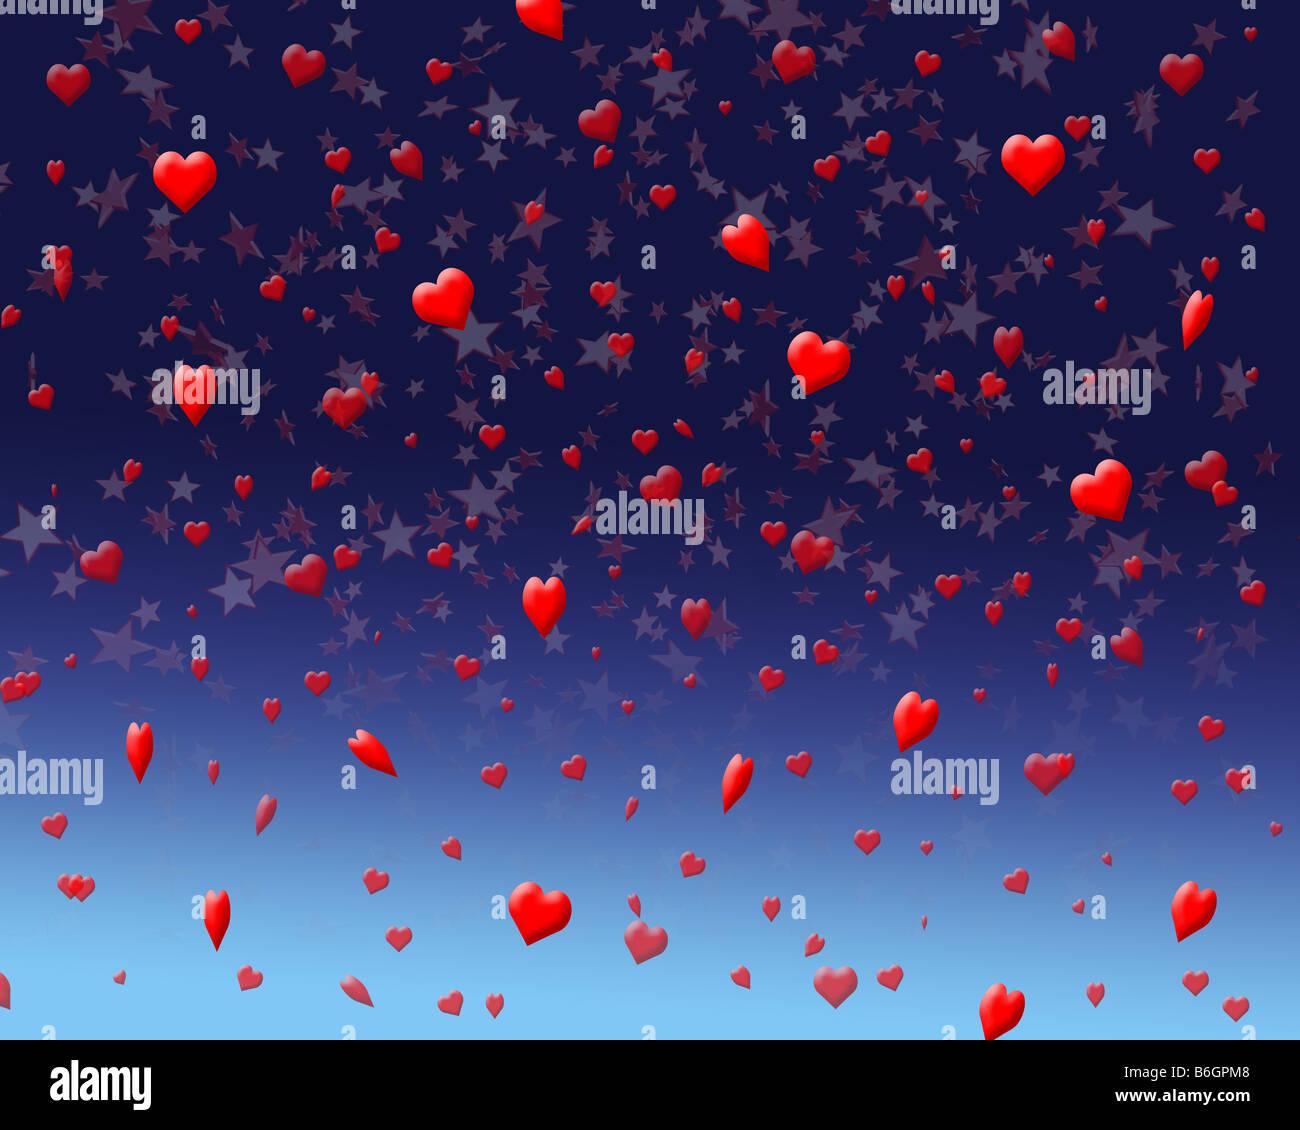 Abbildung einer Nacht Zeit Feier mit Herz und Stern Konfetti Stockbild